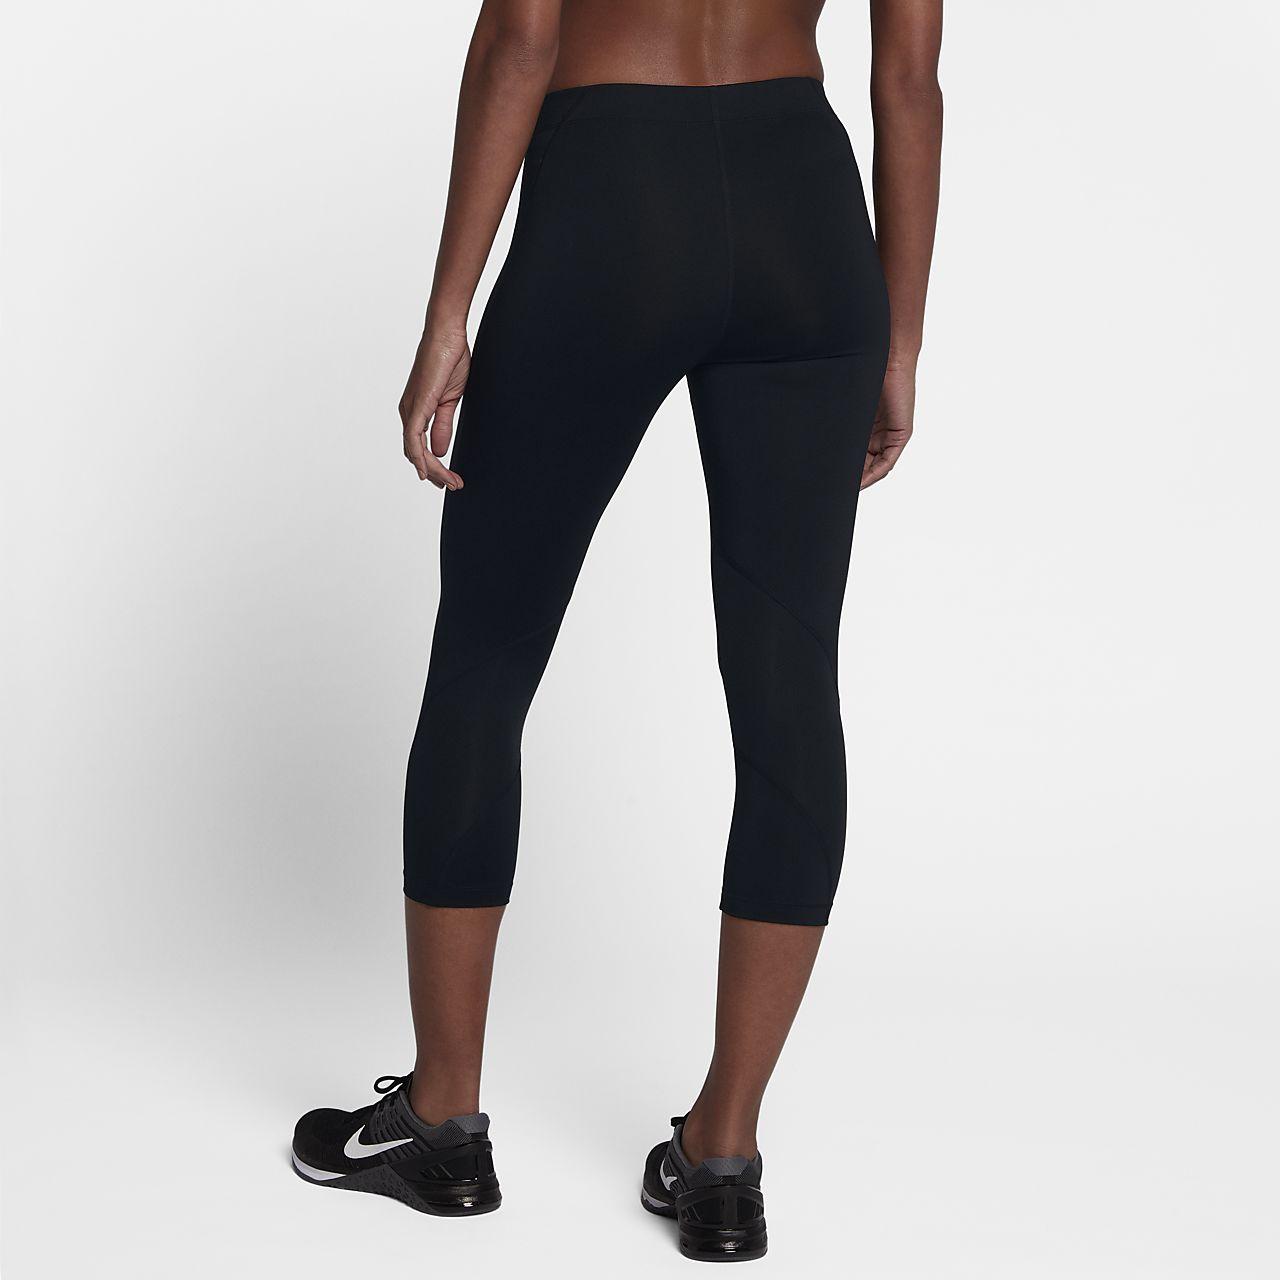 325d6629ca5d5 Nike Pro Women's Mid-Rise Training Capris. Nike.com AU